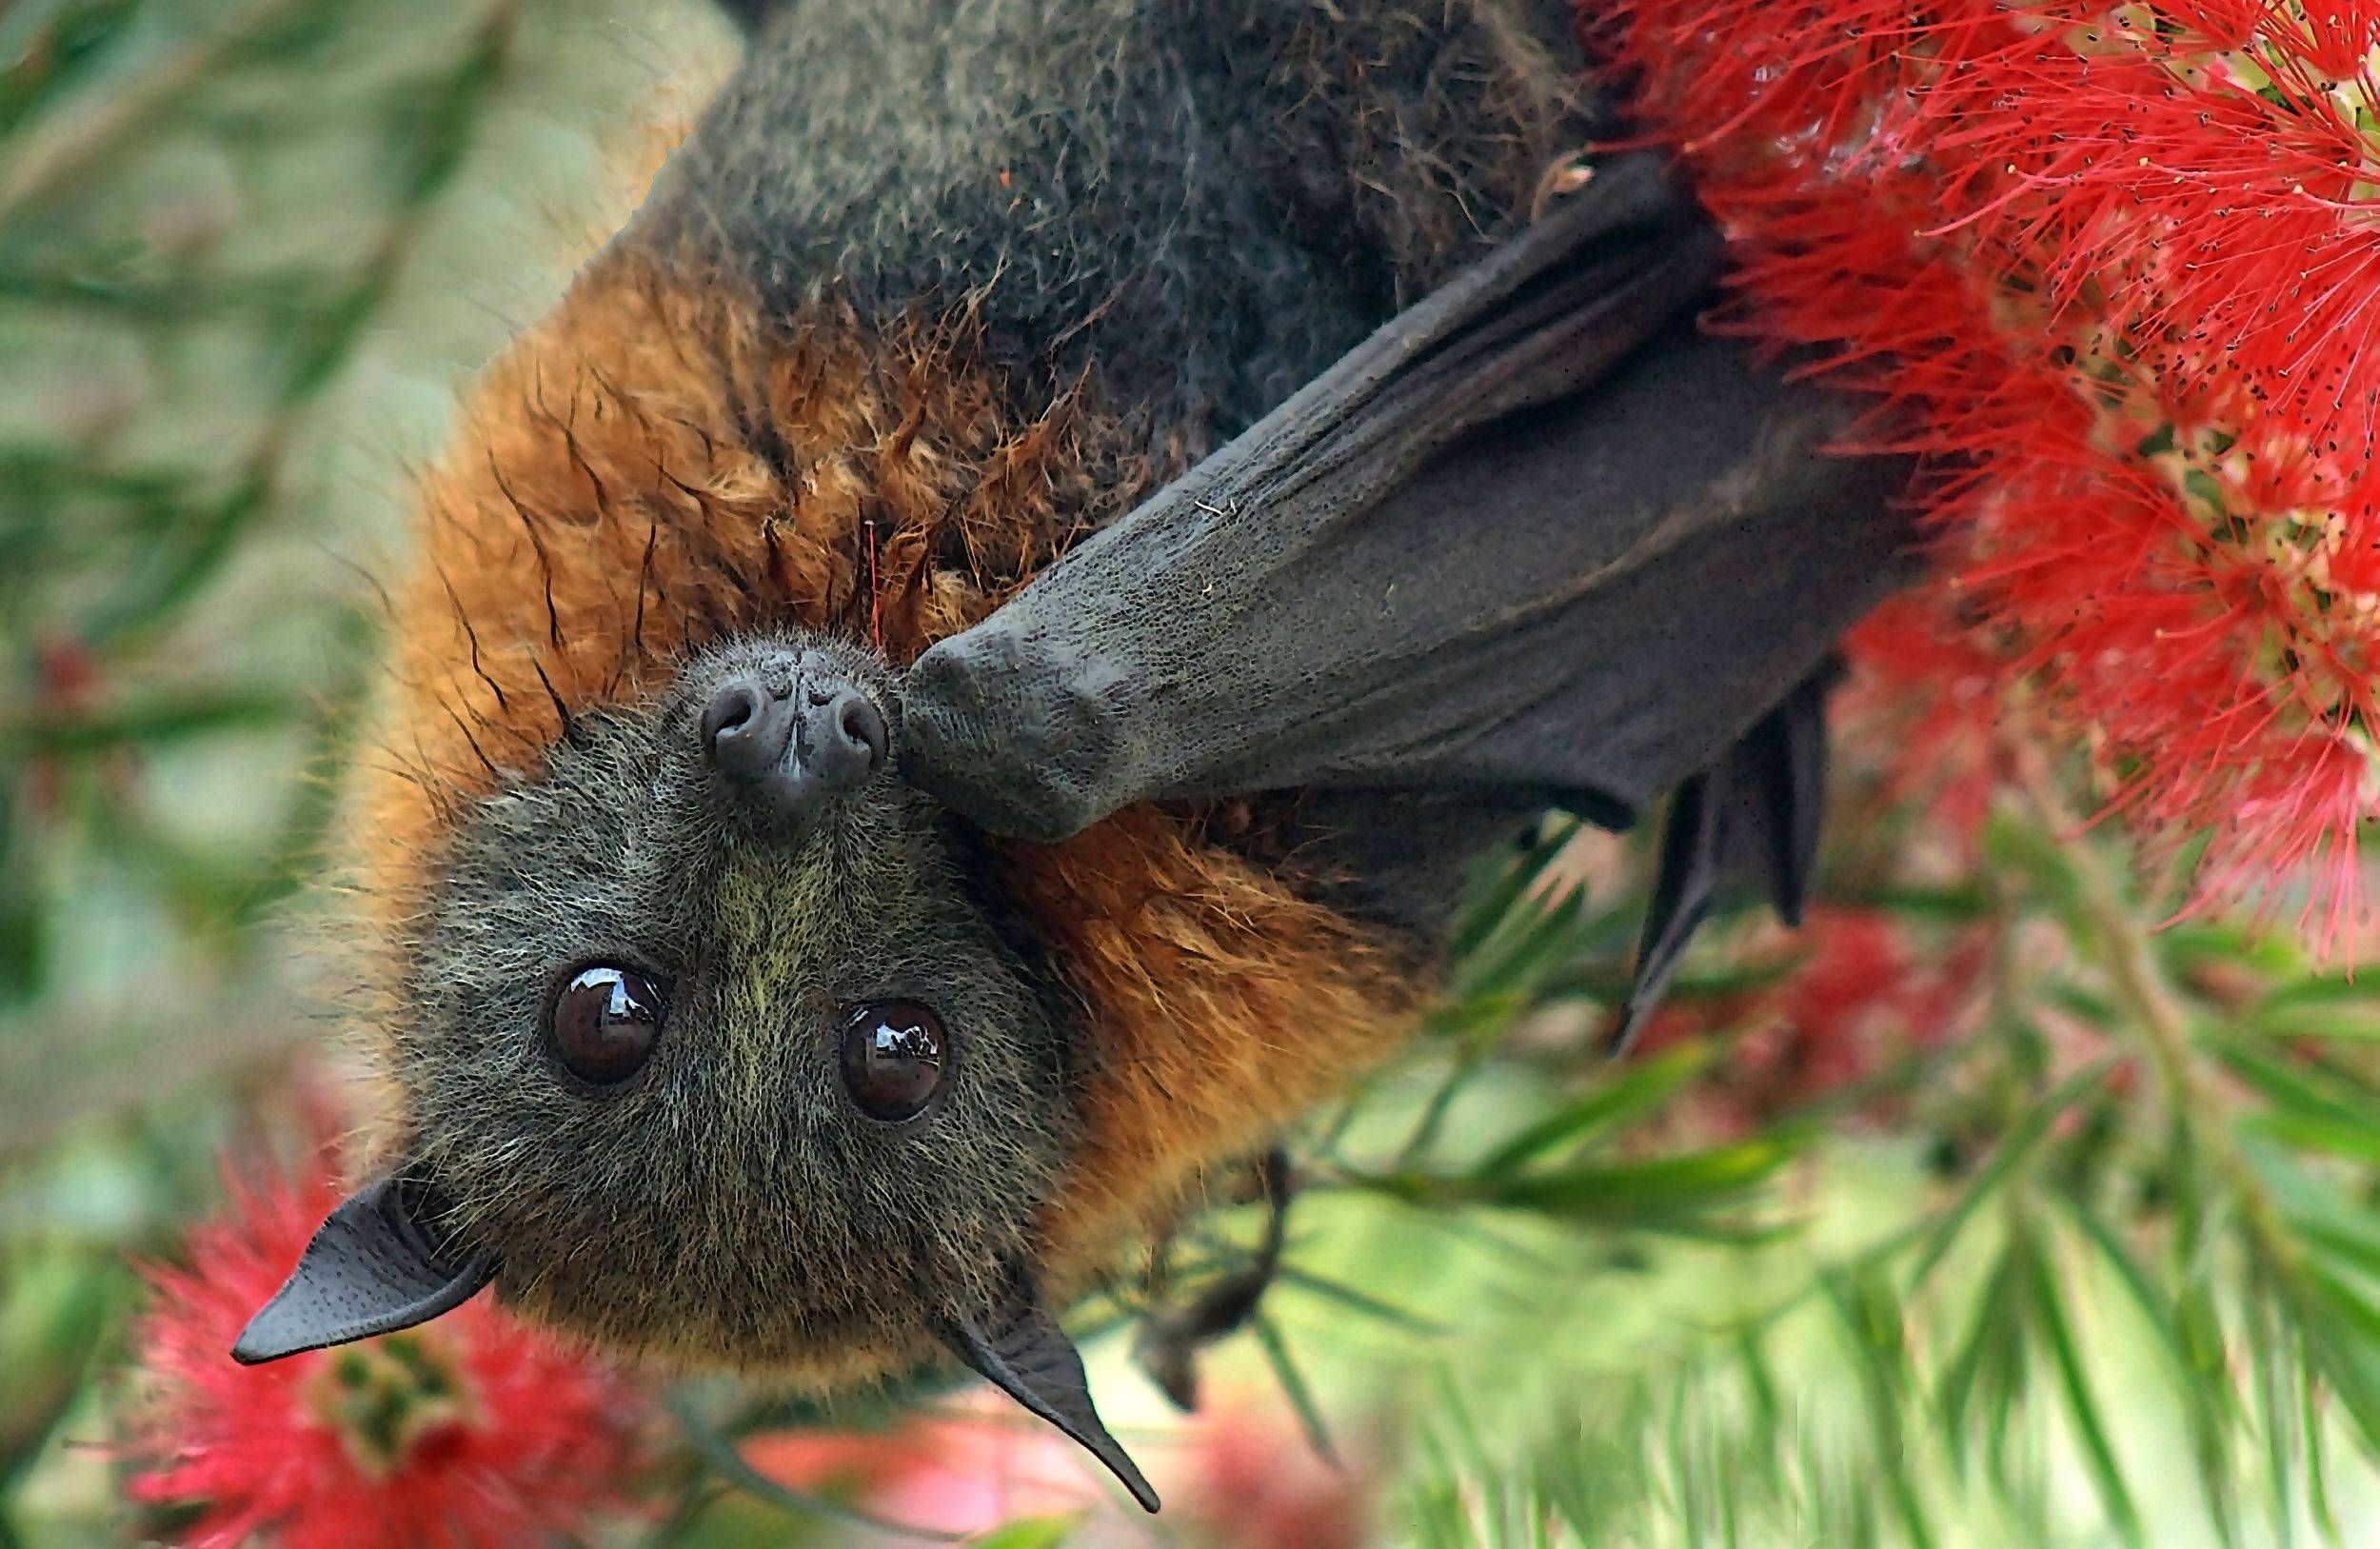 Australian fruit bat. Fruit bat, Animals, Bat species